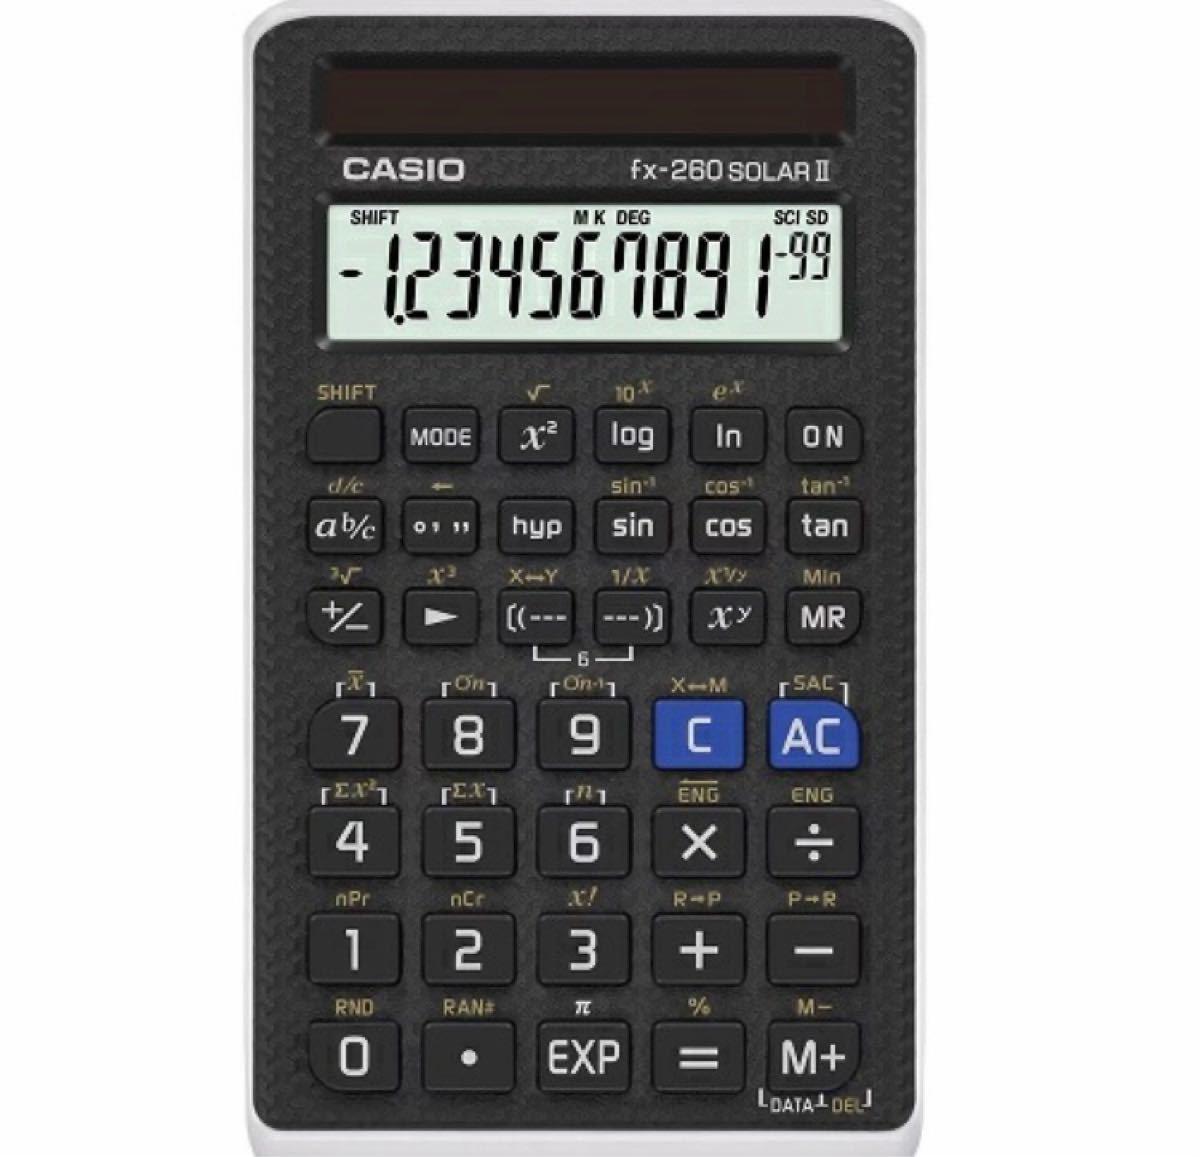 関数電卓 電卓 関数計算 ソーラー式 小型 見やすい CASIO カシオ fx-260 SOLAR II (黒・ブラック)